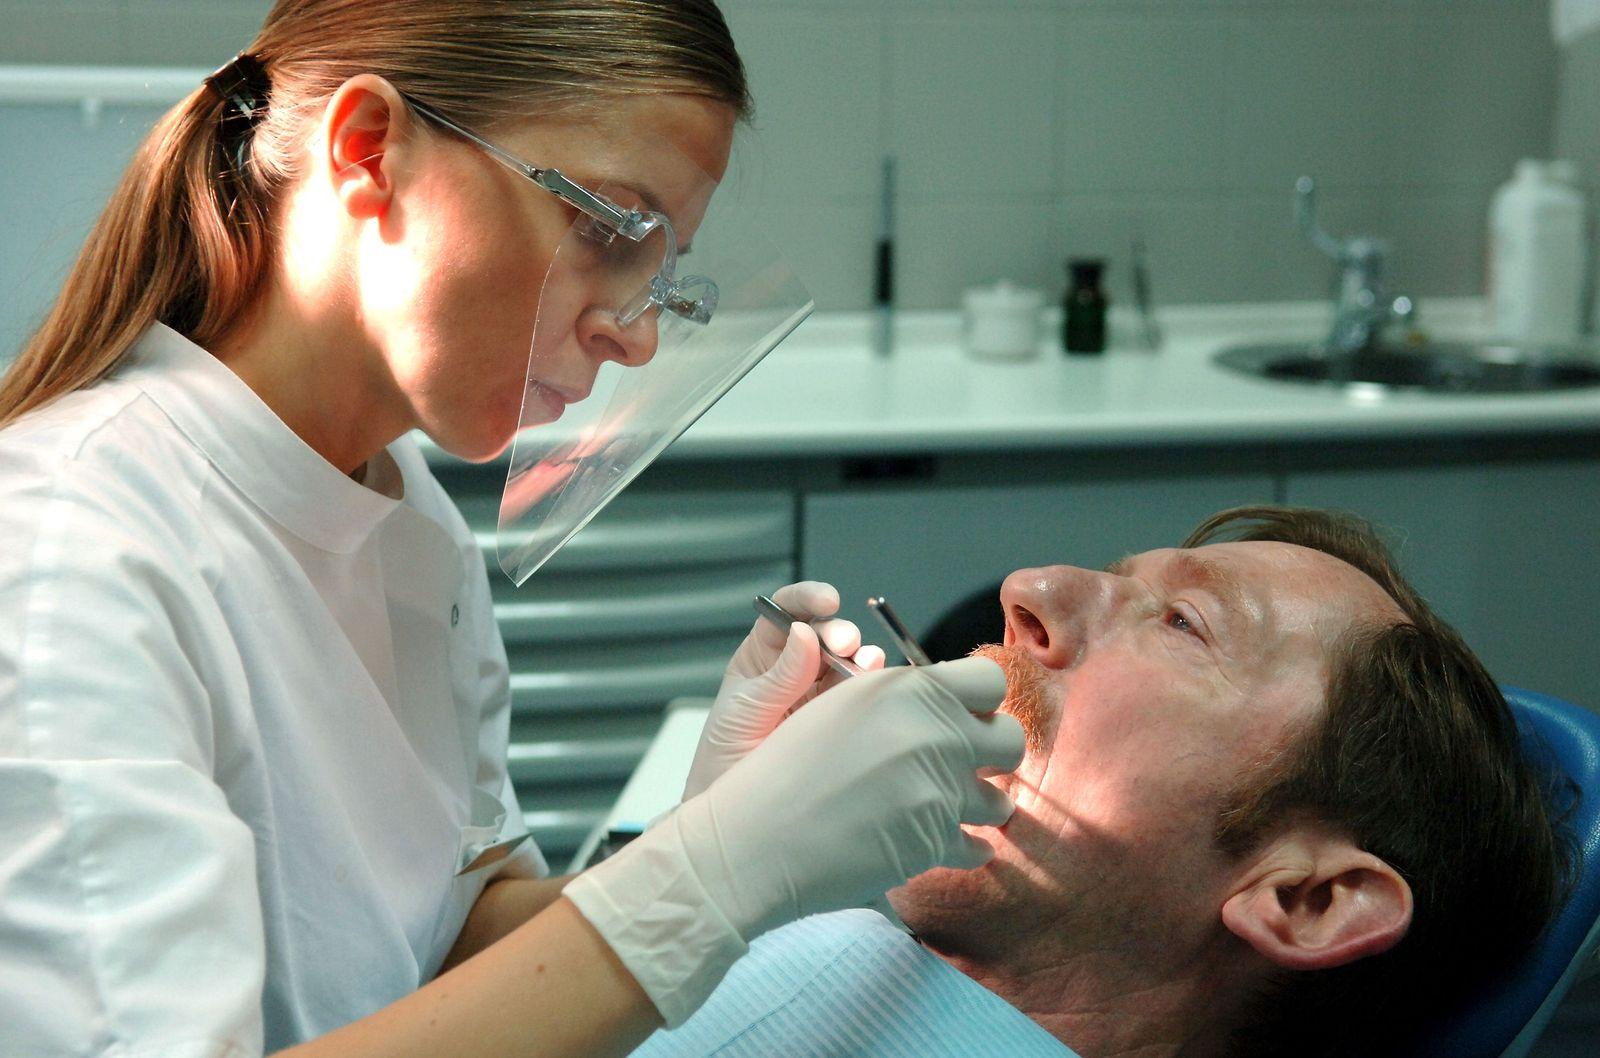 Zahnarzt / Behandlung